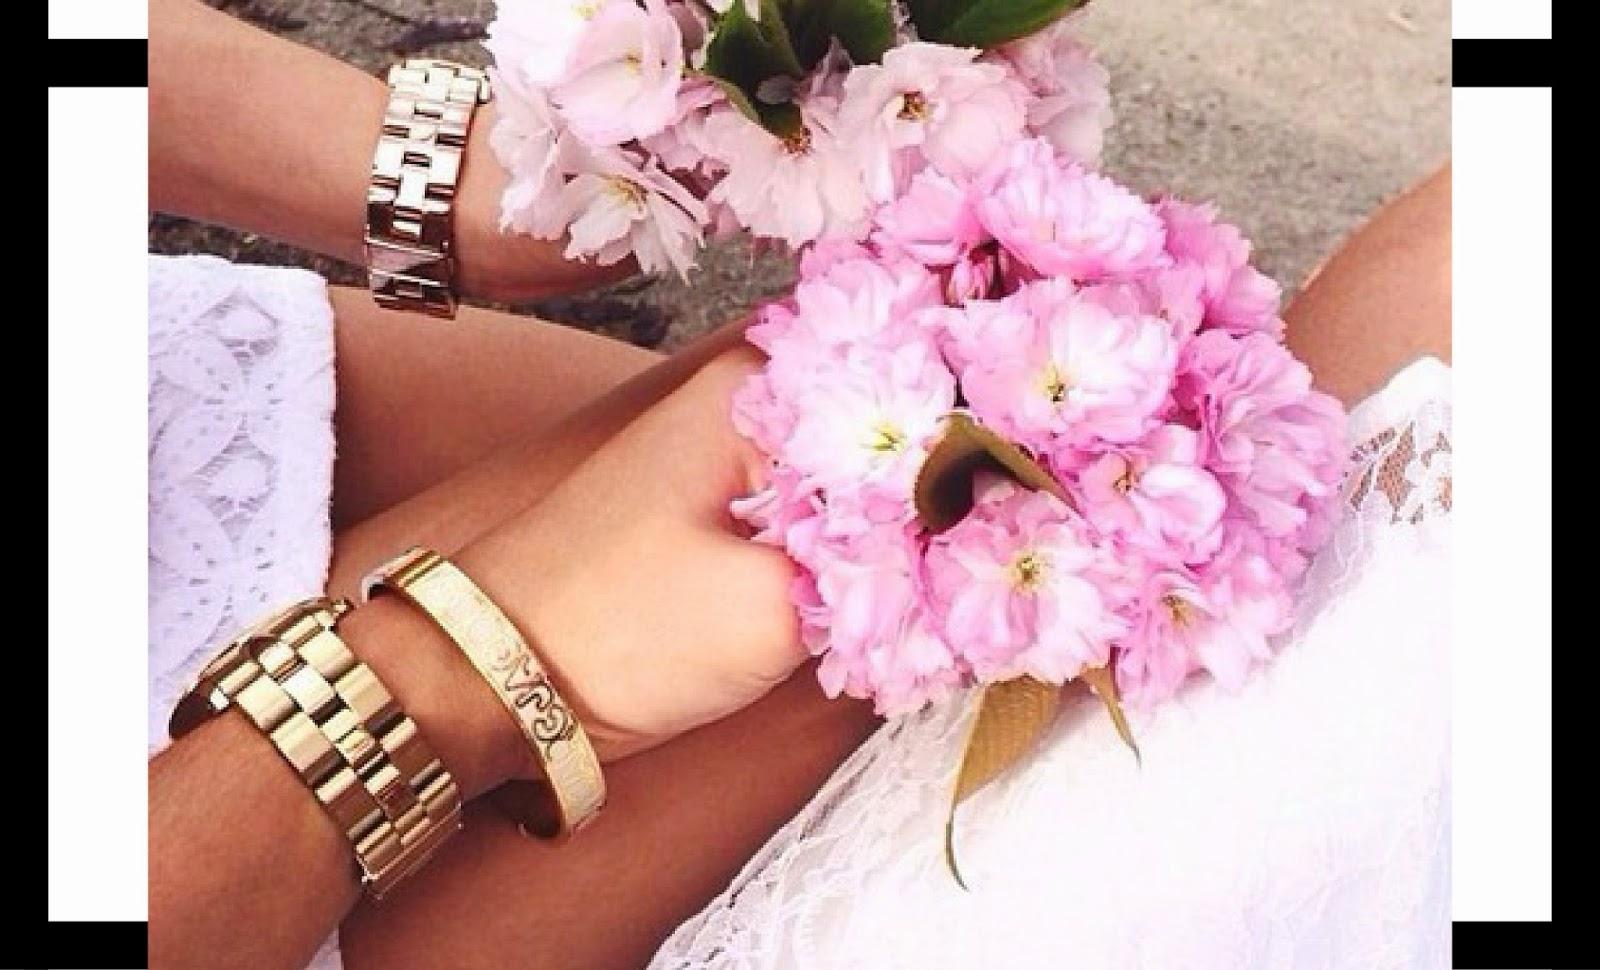 marc jacobs cartier bracelet flowers tumblr